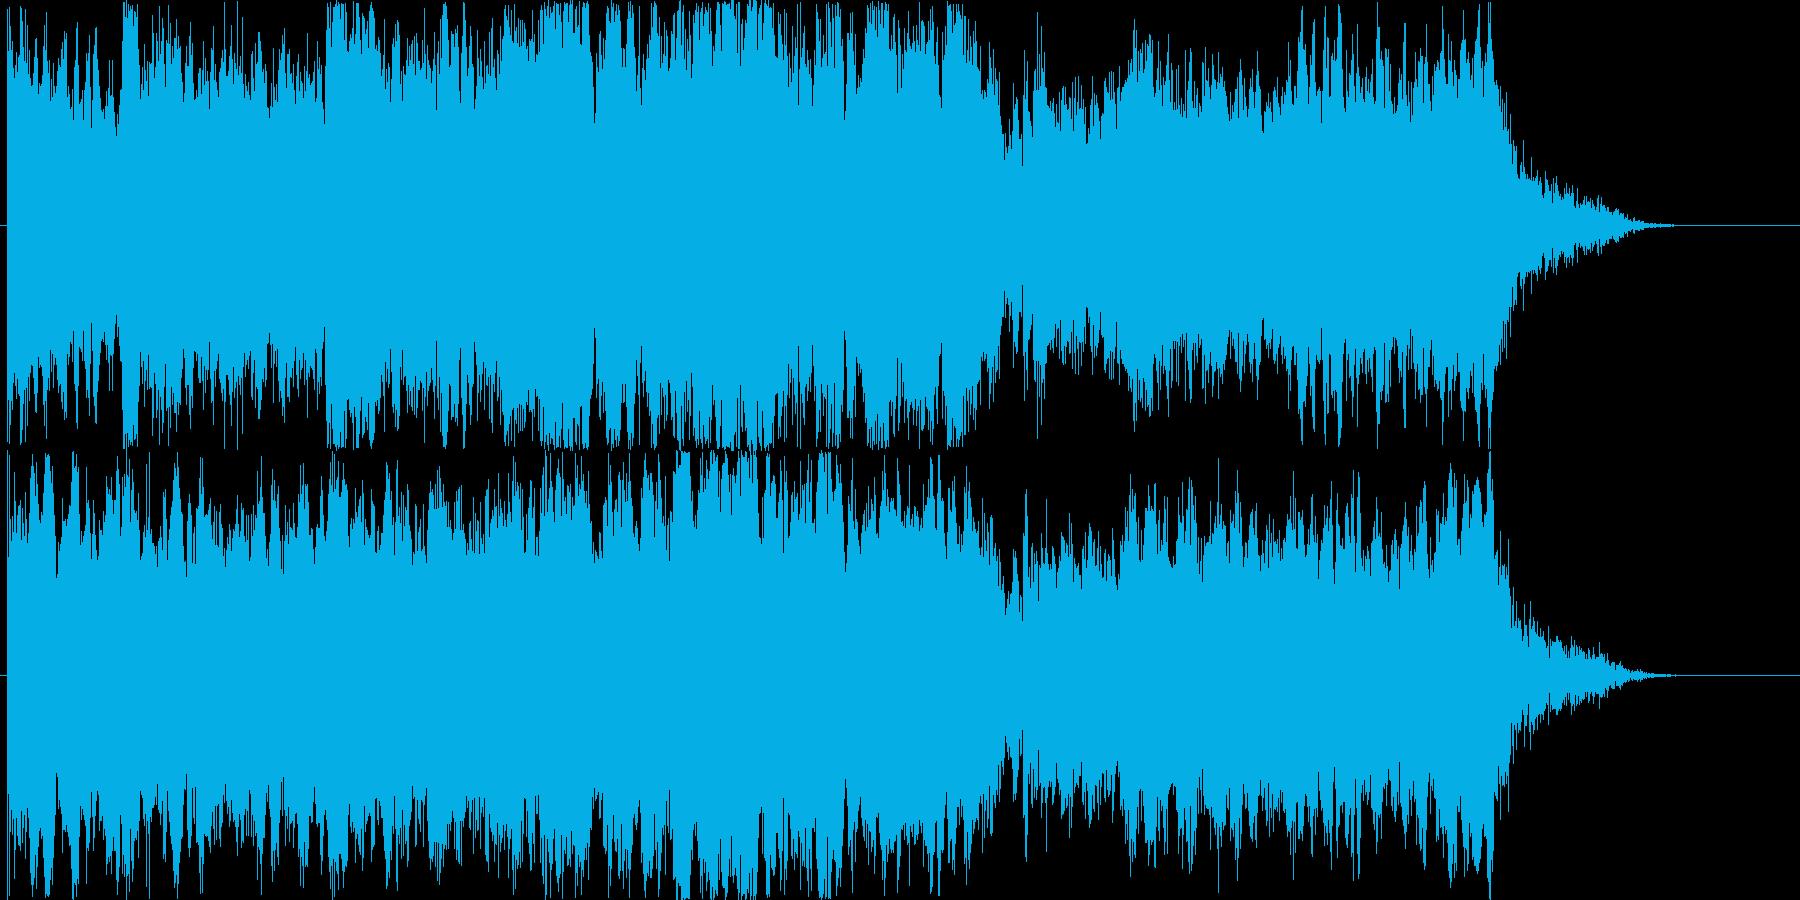 神秘的で荘厳な雰囲気のオーケストラ曲の再生済みの波形